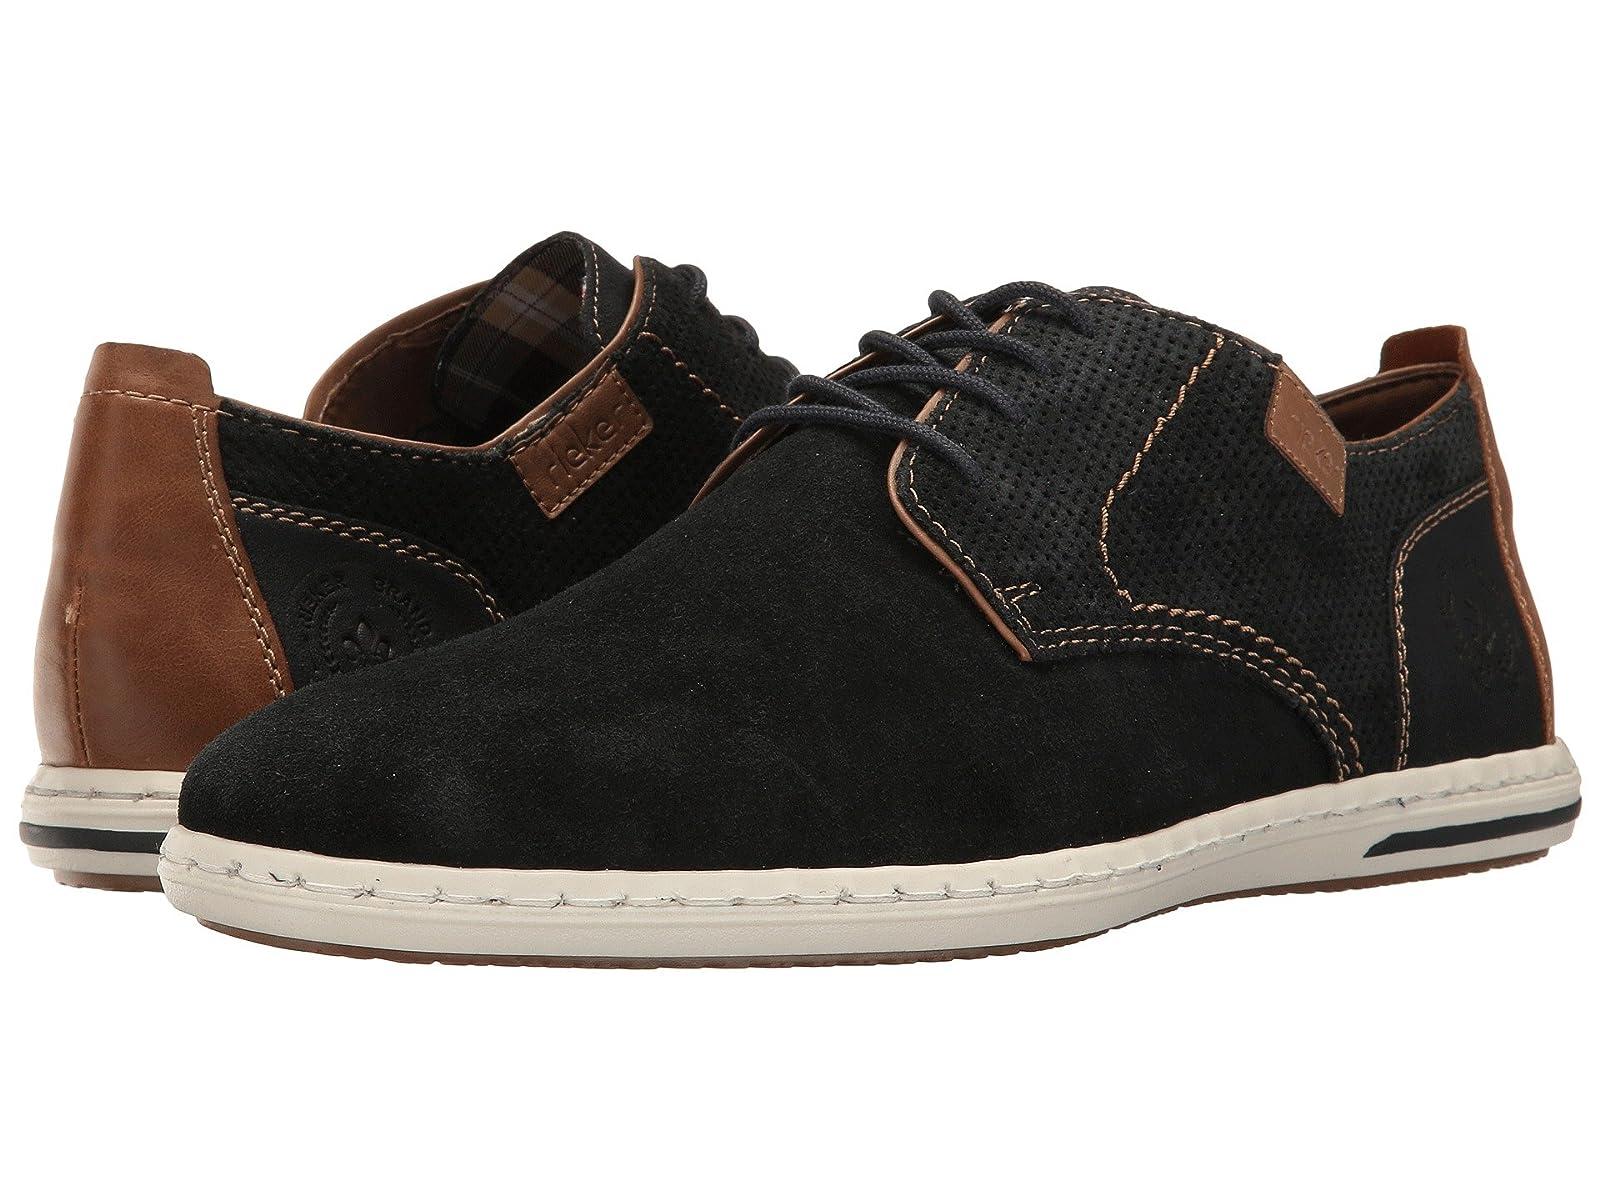 Rieker B9111 Julian 11Cheap and distinctive eye-catching shoes